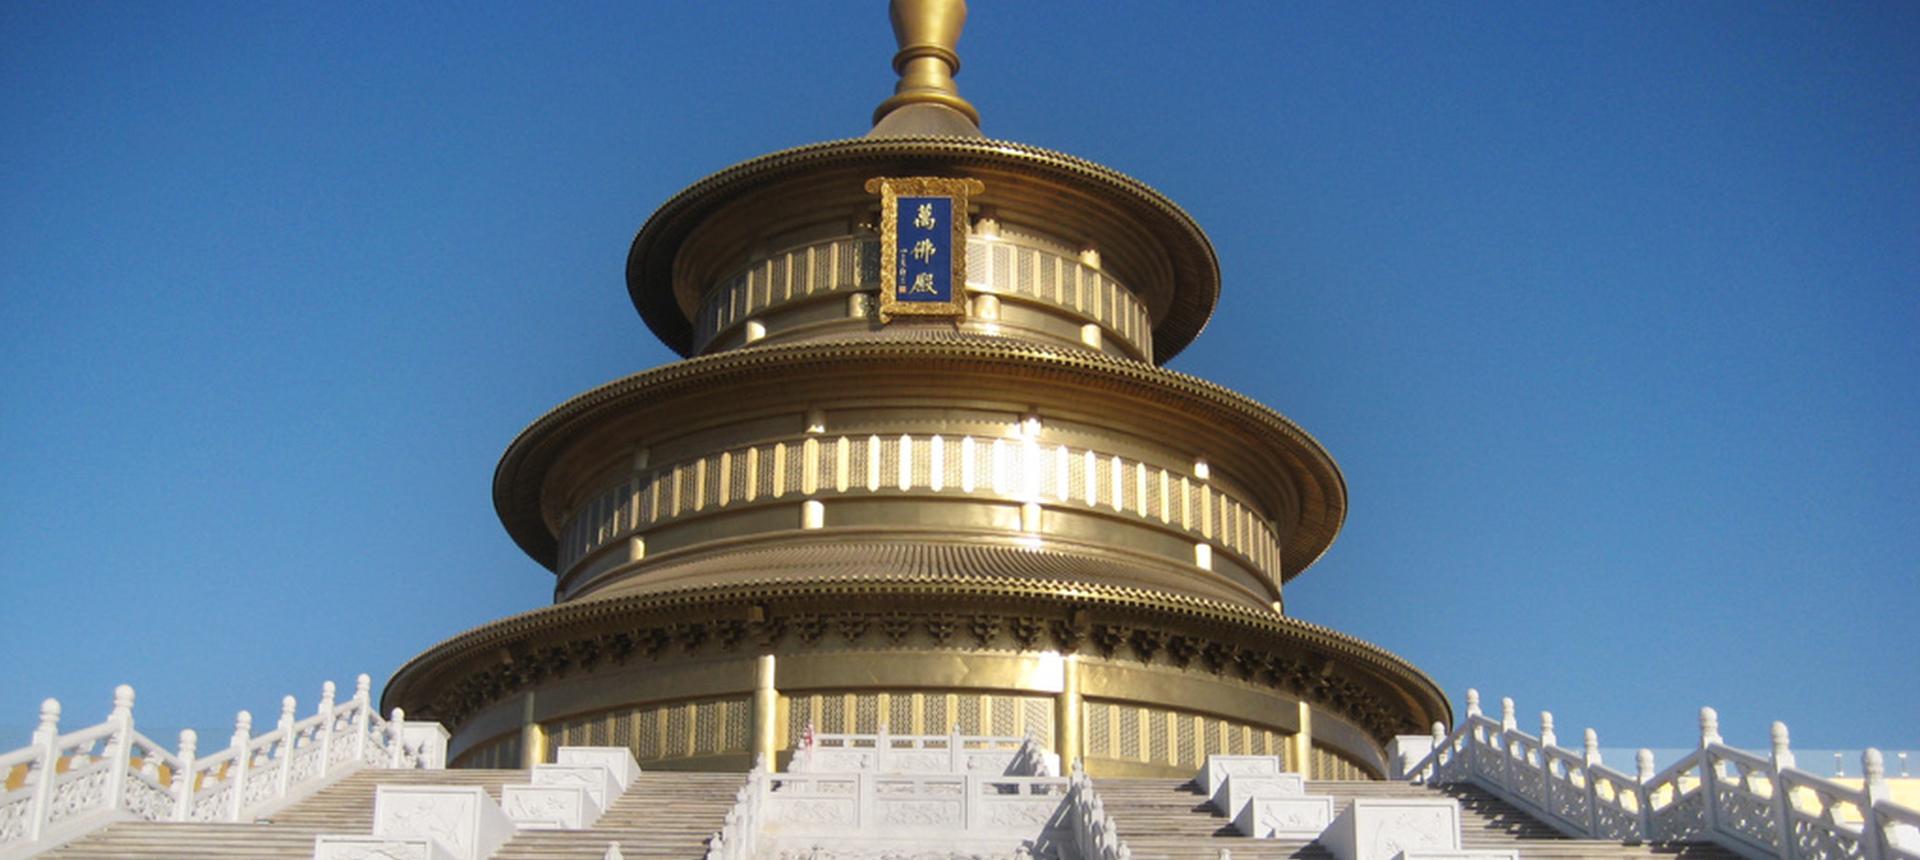 慶云海島金山寺